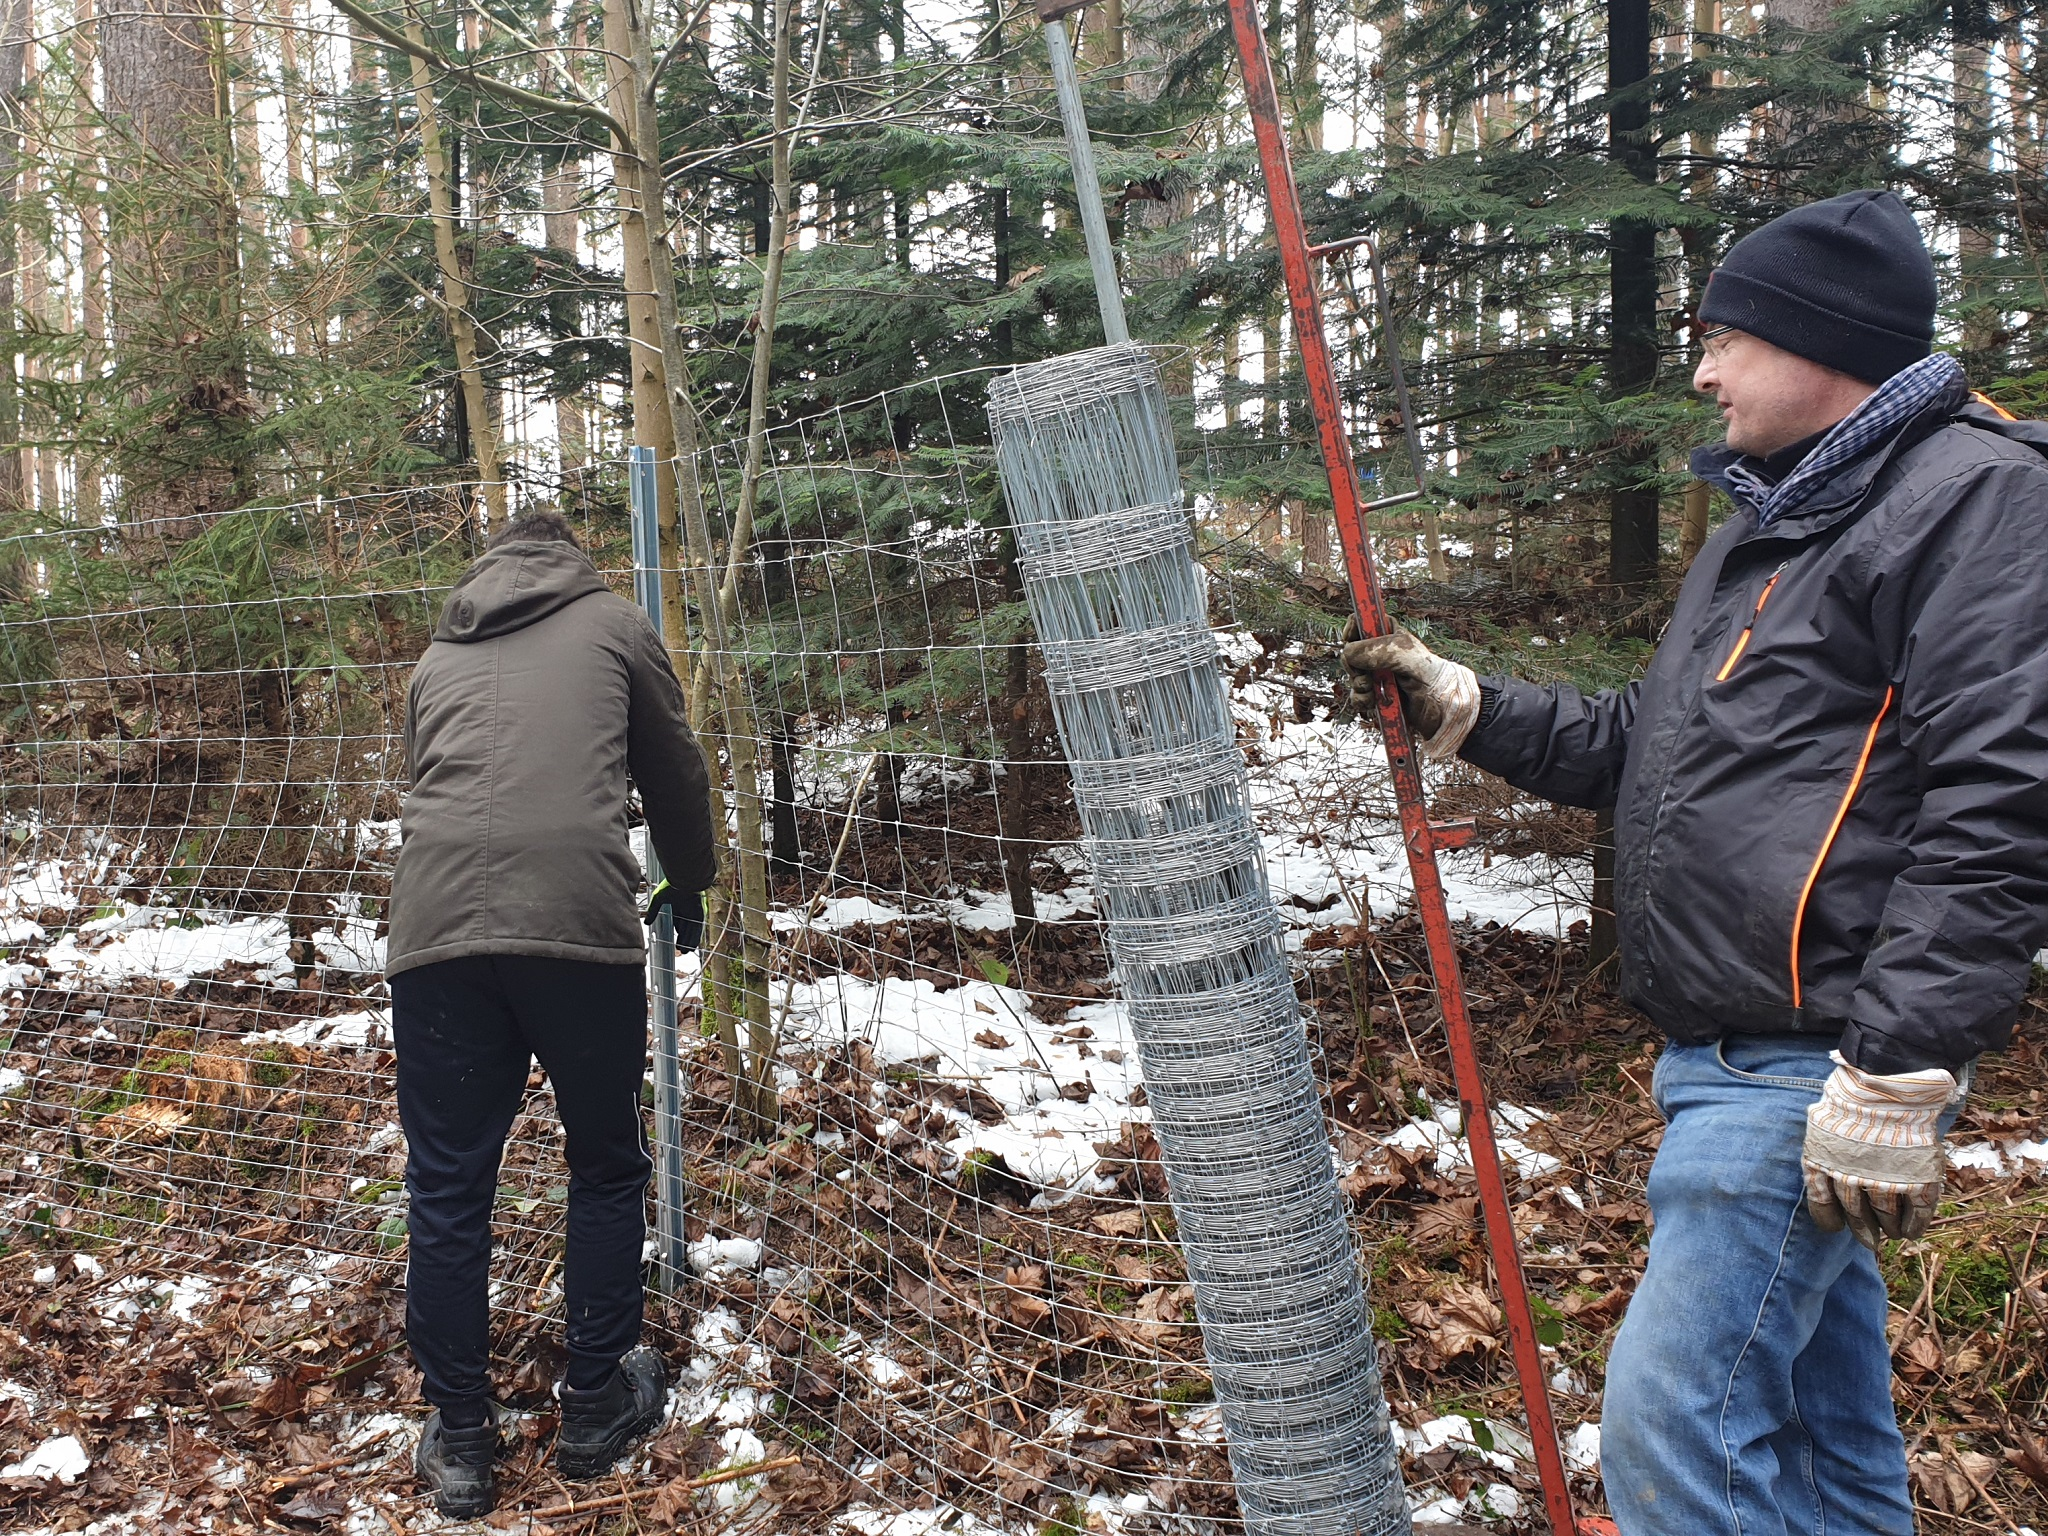 Trotz Kälte und Schnee helfen 15 ehrenamtliche Helfer mit. Foto: Stefan Klingner